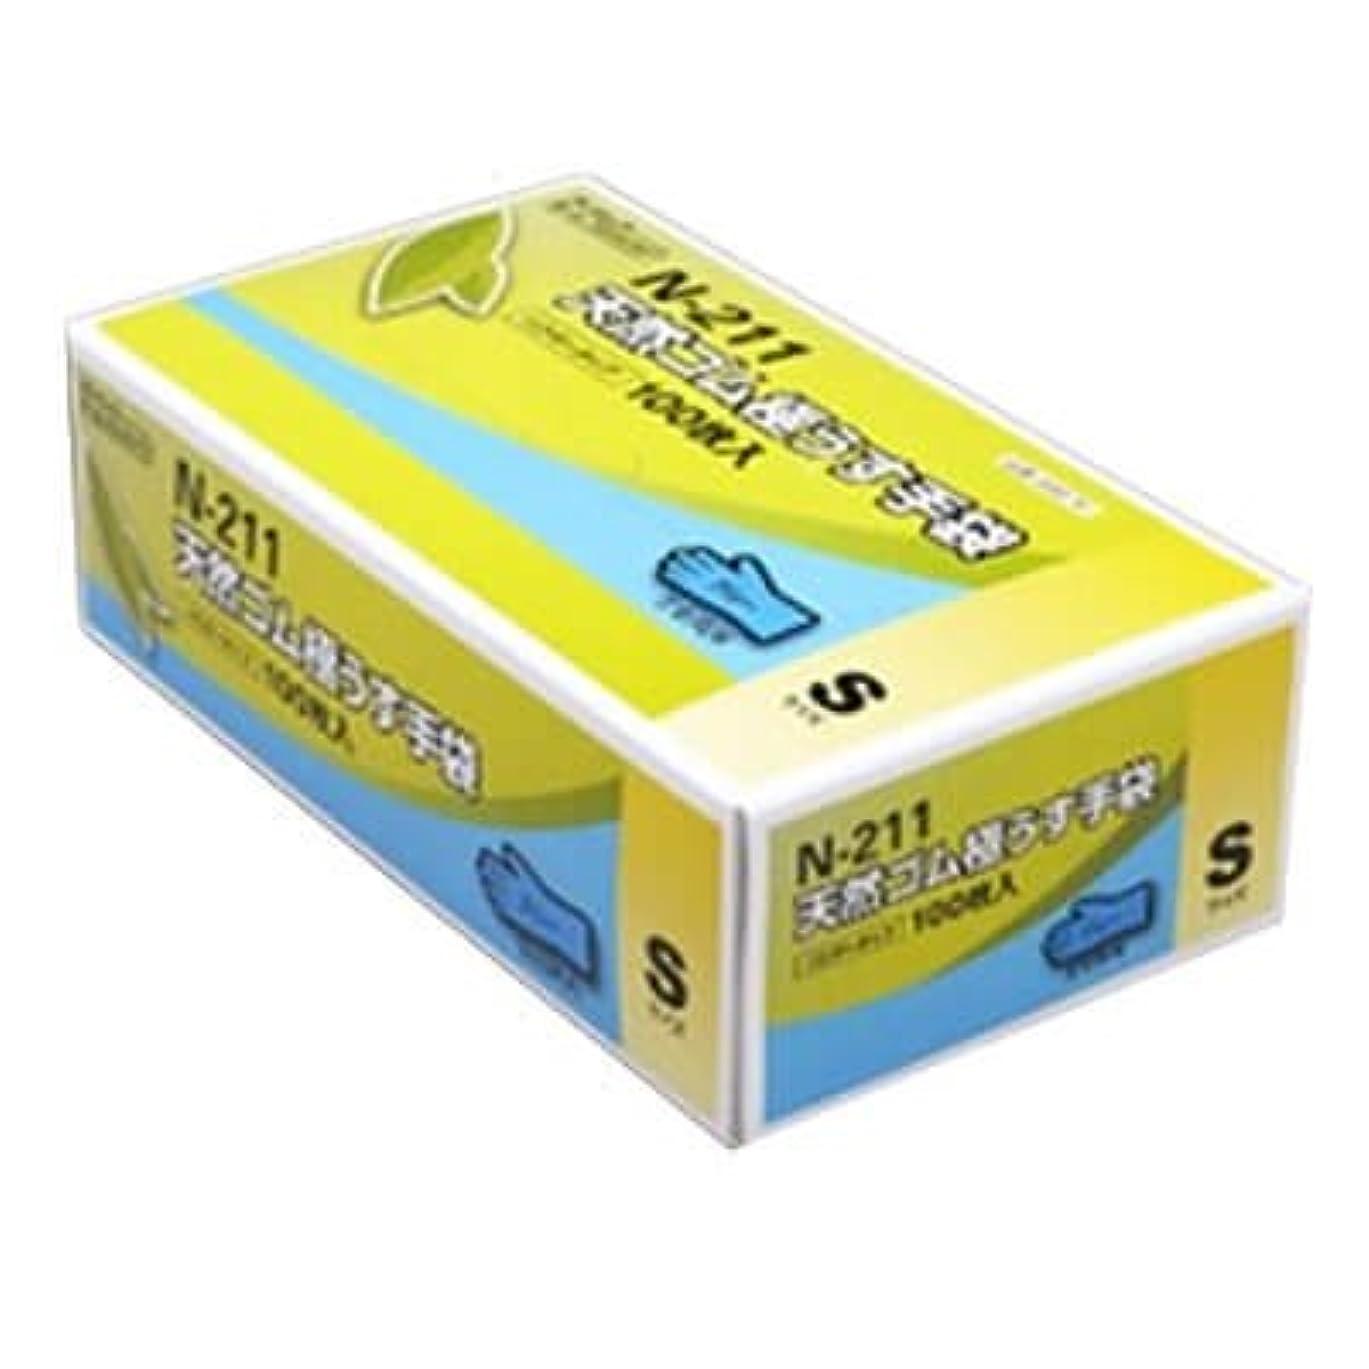 アクセント現代の結果【ケース販売】 ダンロップ 天然ゴム極うす手袋 N-211 S ブルー (100枚入×20箱)